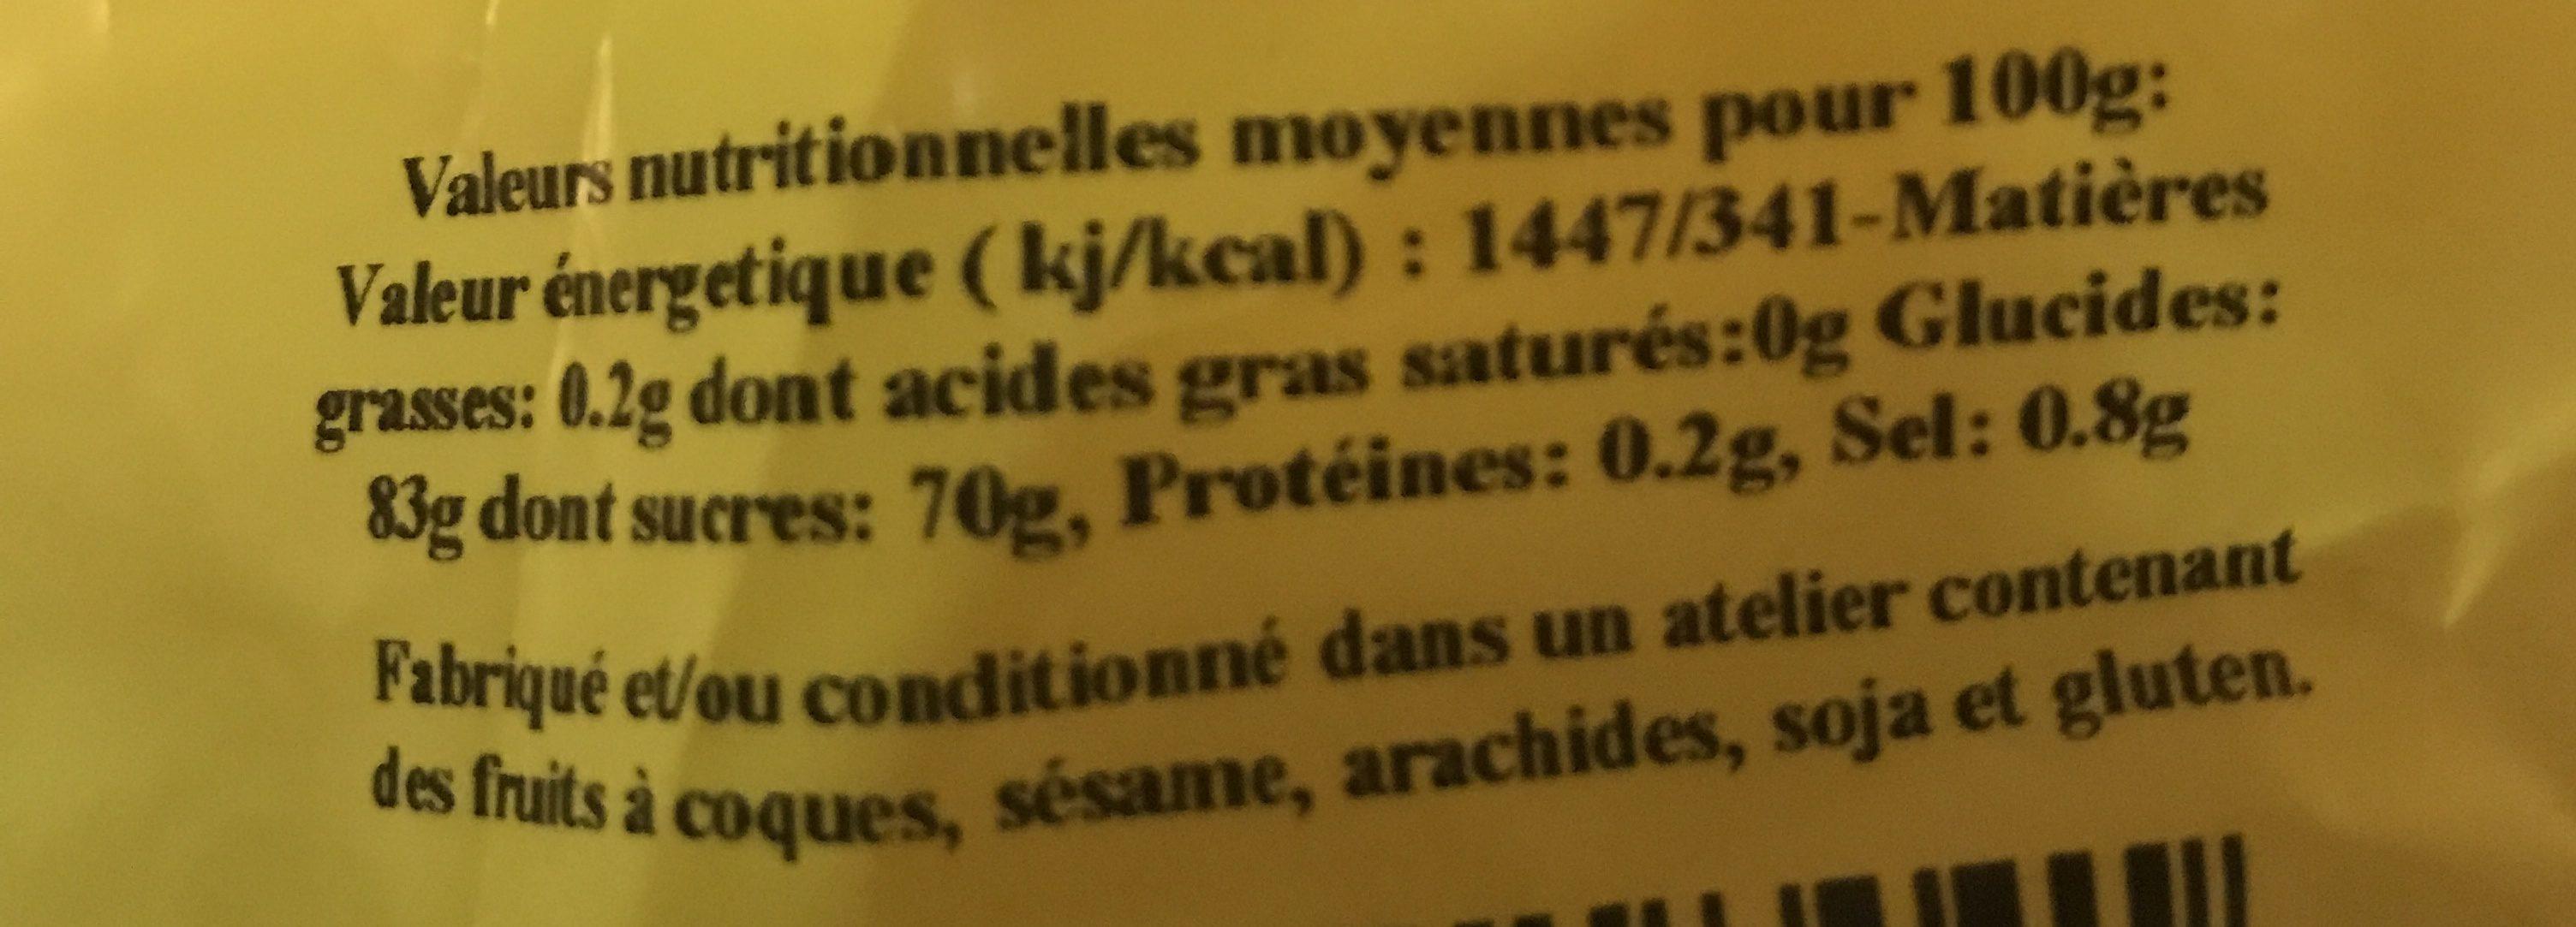 Ananas Morceaux - Ingrédients - fr